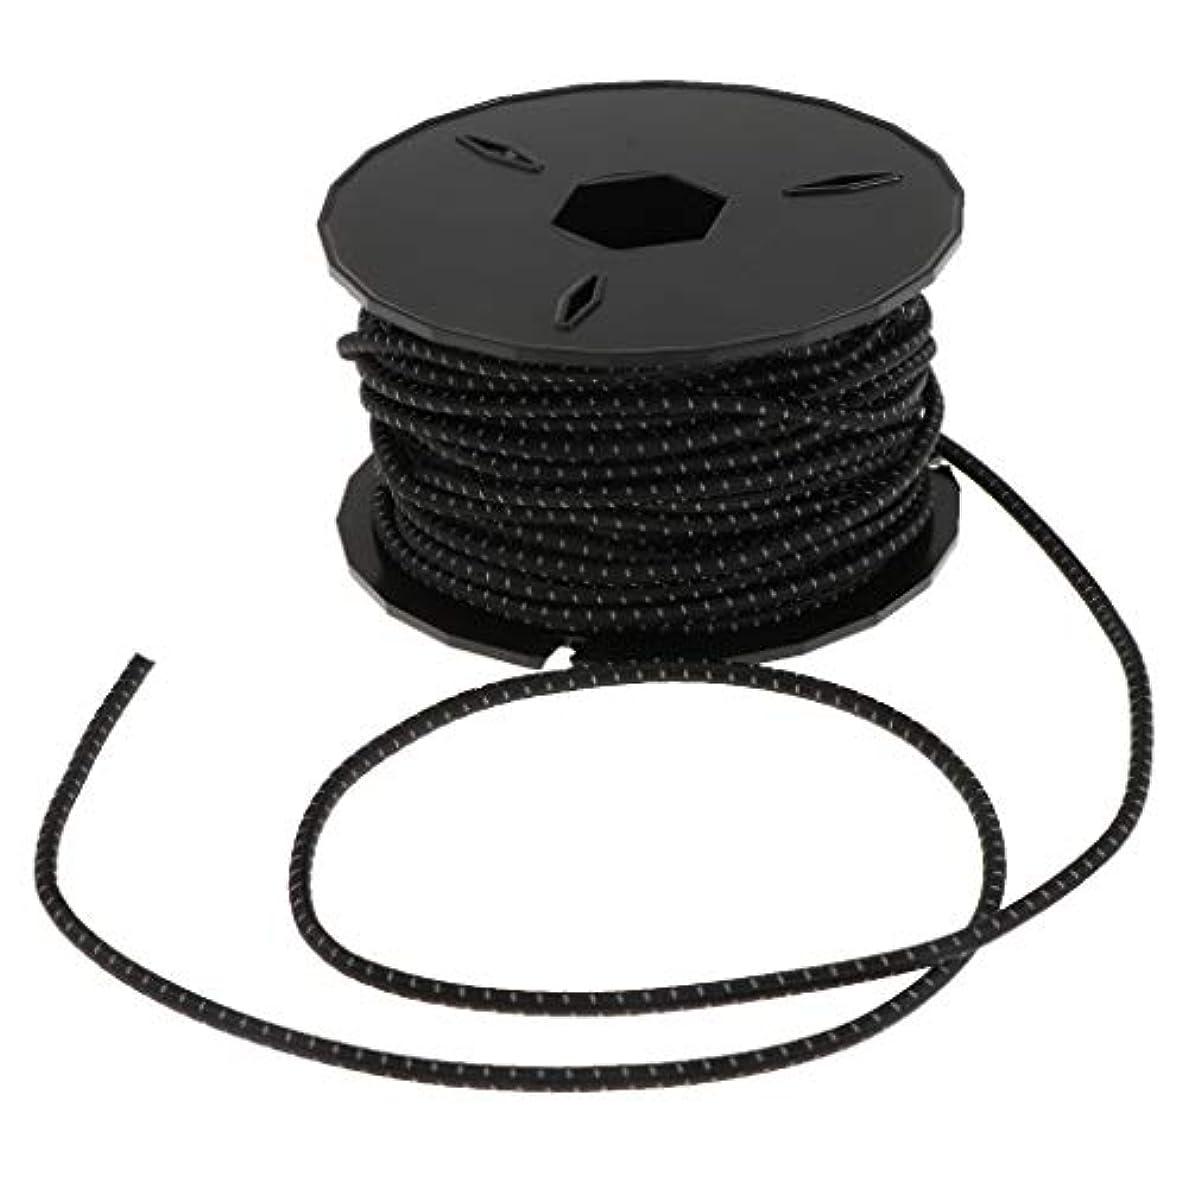 アンティーク乳出発するFLAMEER 3mm ヘビーデューティー ゴムコア ポリエステル 弾性ロープ バンジーロープ ショックコード 全4色